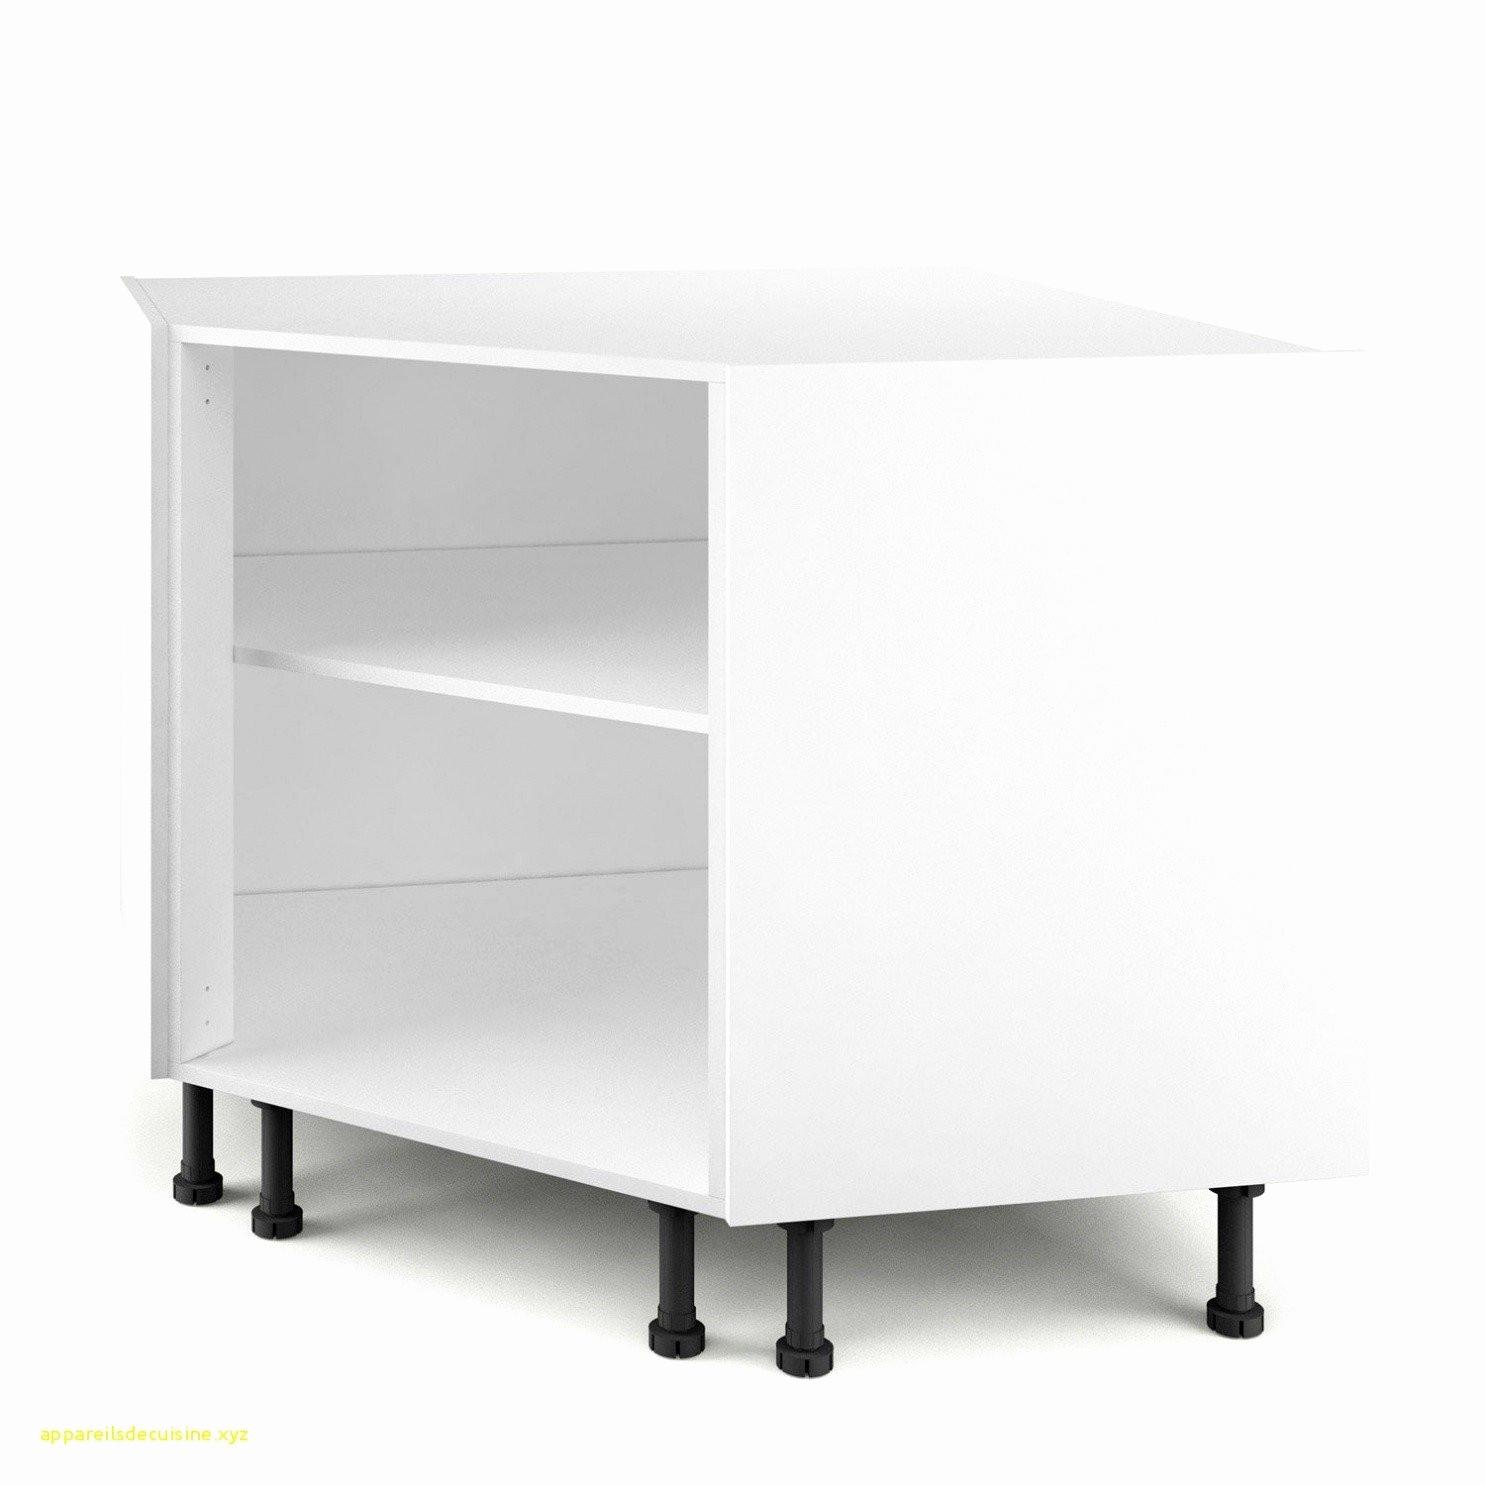 meuble bas angle cuisine conforama beau idee meuble chaussure meuble de couloir frais conforama meuble salon of meuble bas angle cuisine conforama